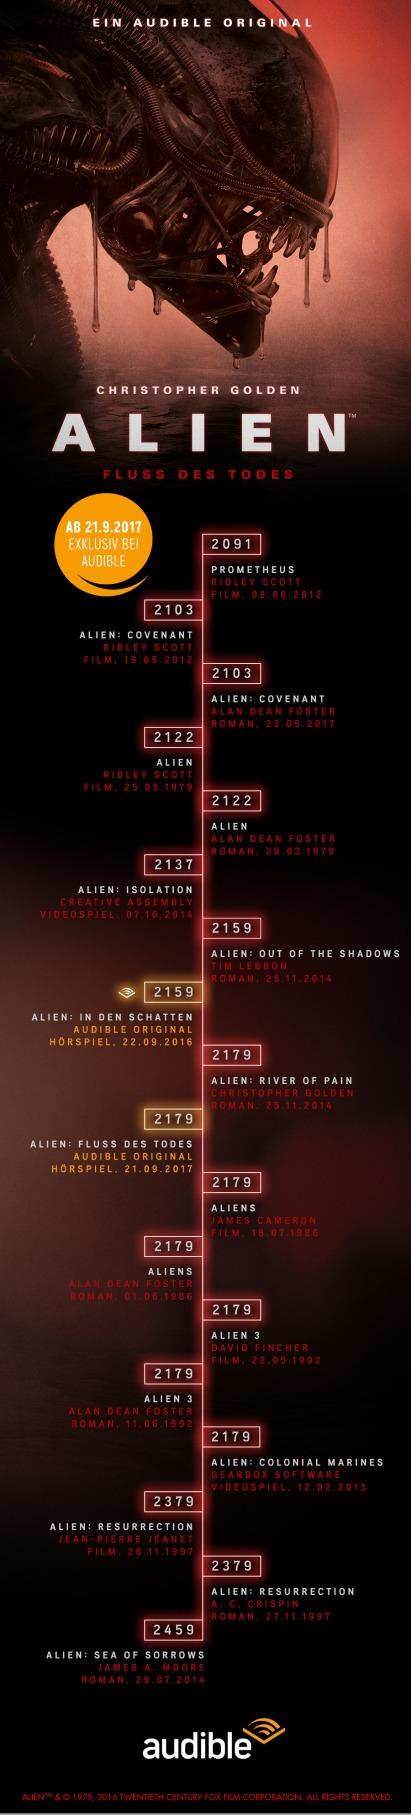 1892_MK_Social_Alien-Infographic-2_2017-10-10